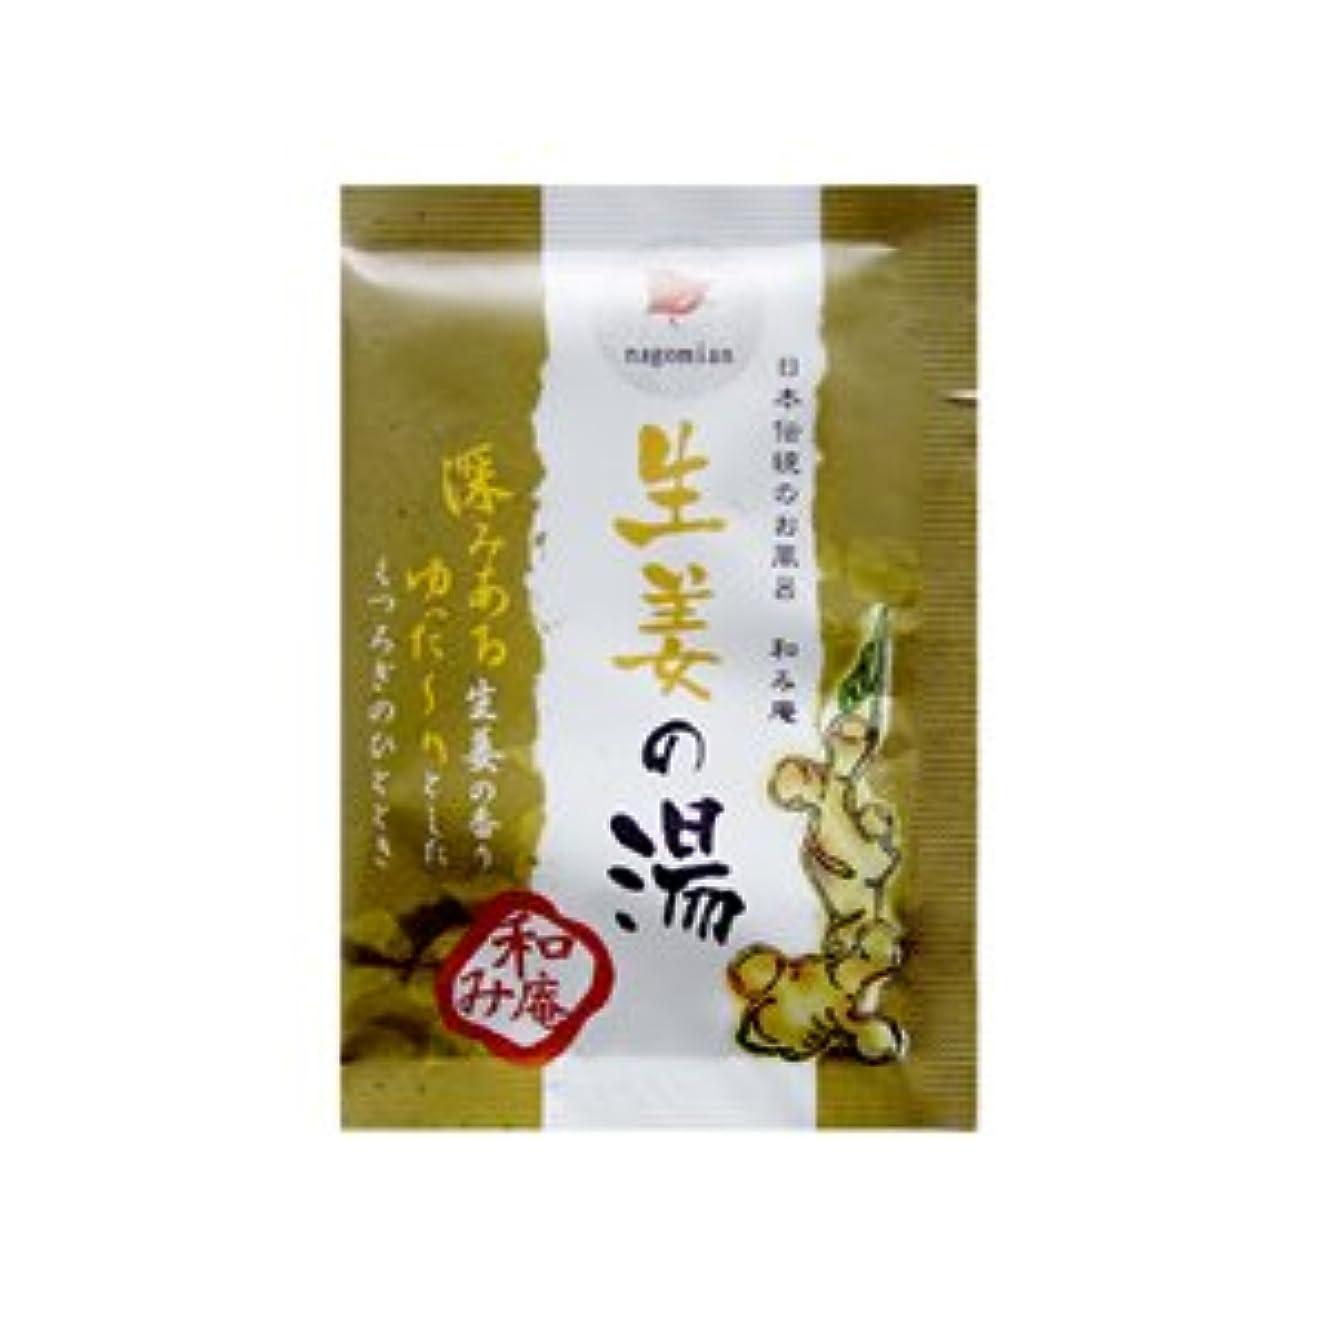 男やもめ上未使用日本伝統のお風呂 和み庵 生姜の湯 25g 10個セット